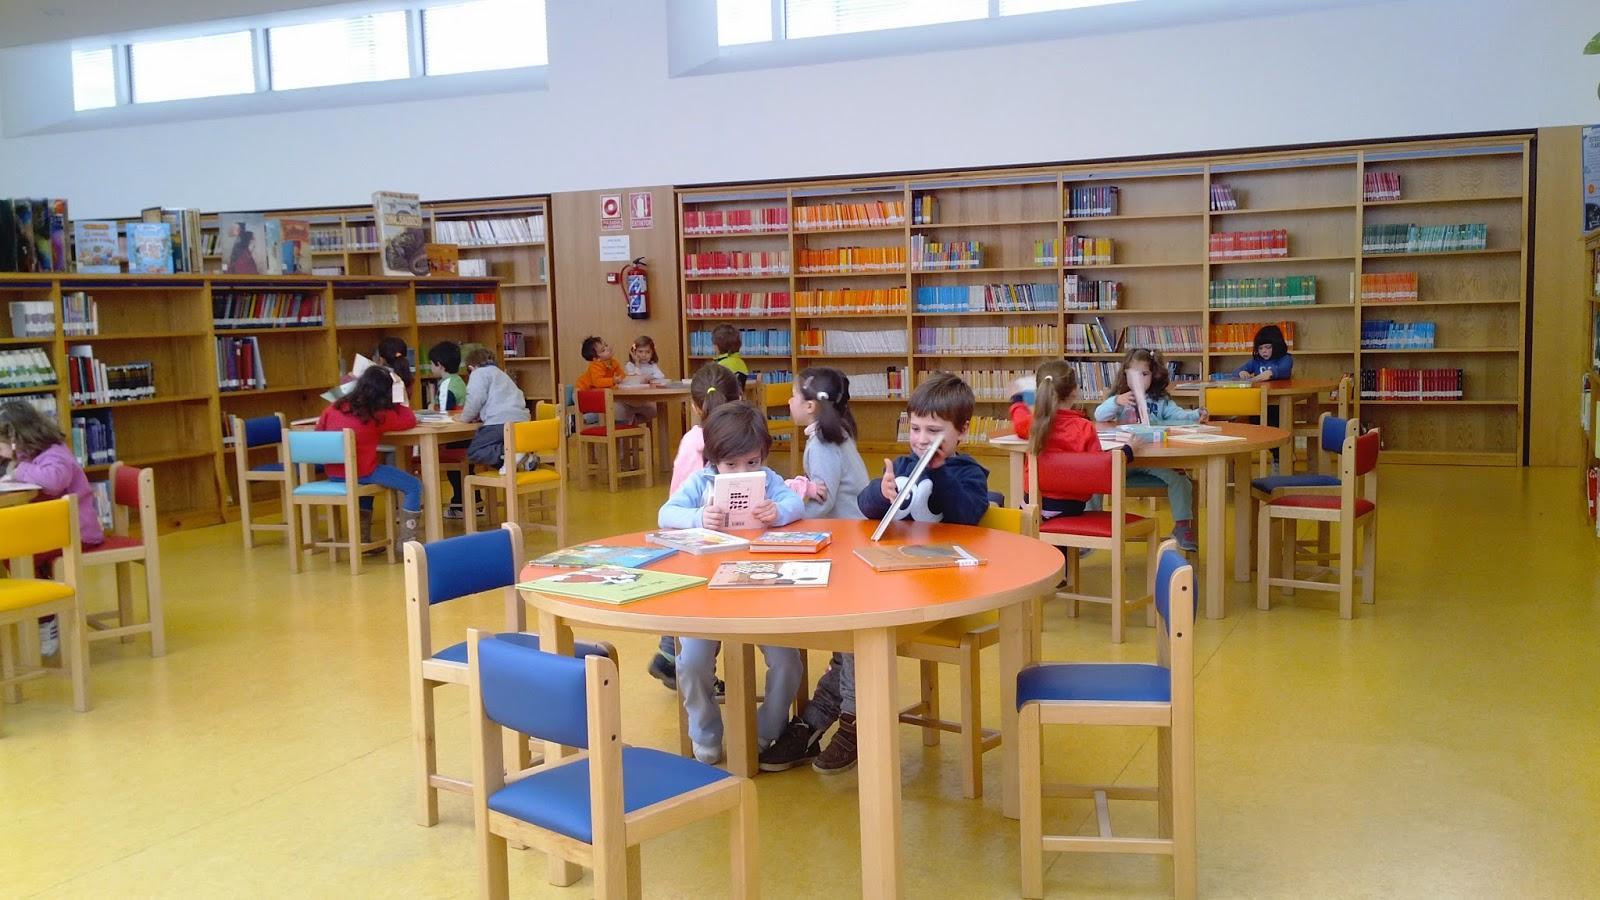 Blog De Soco Nievas: Enero 2015